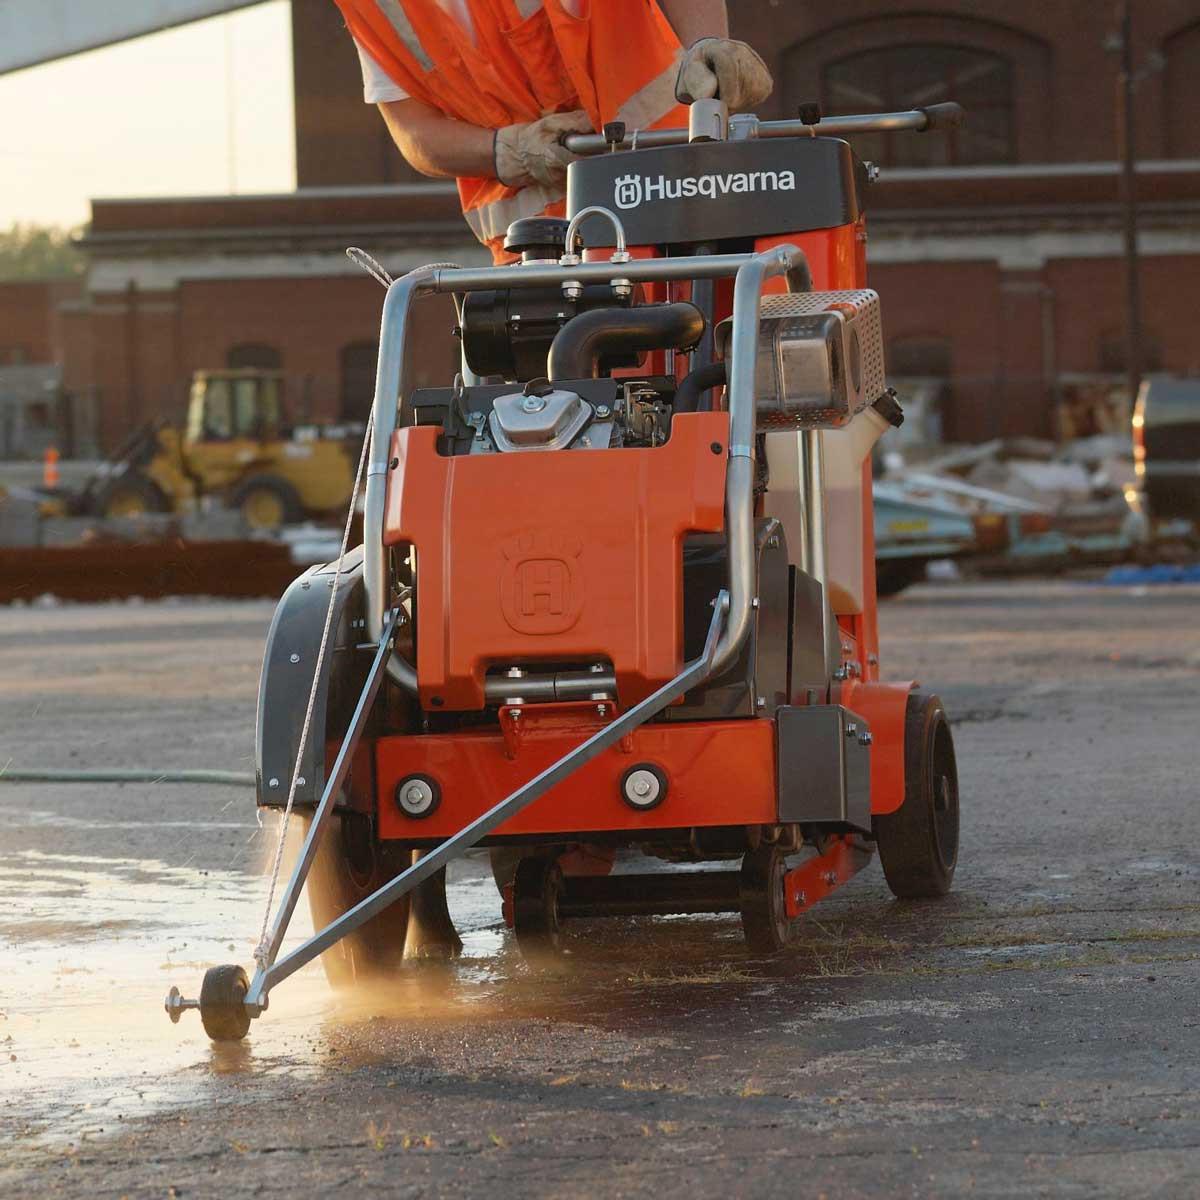 Husqvarna FS 500 road saw cutting